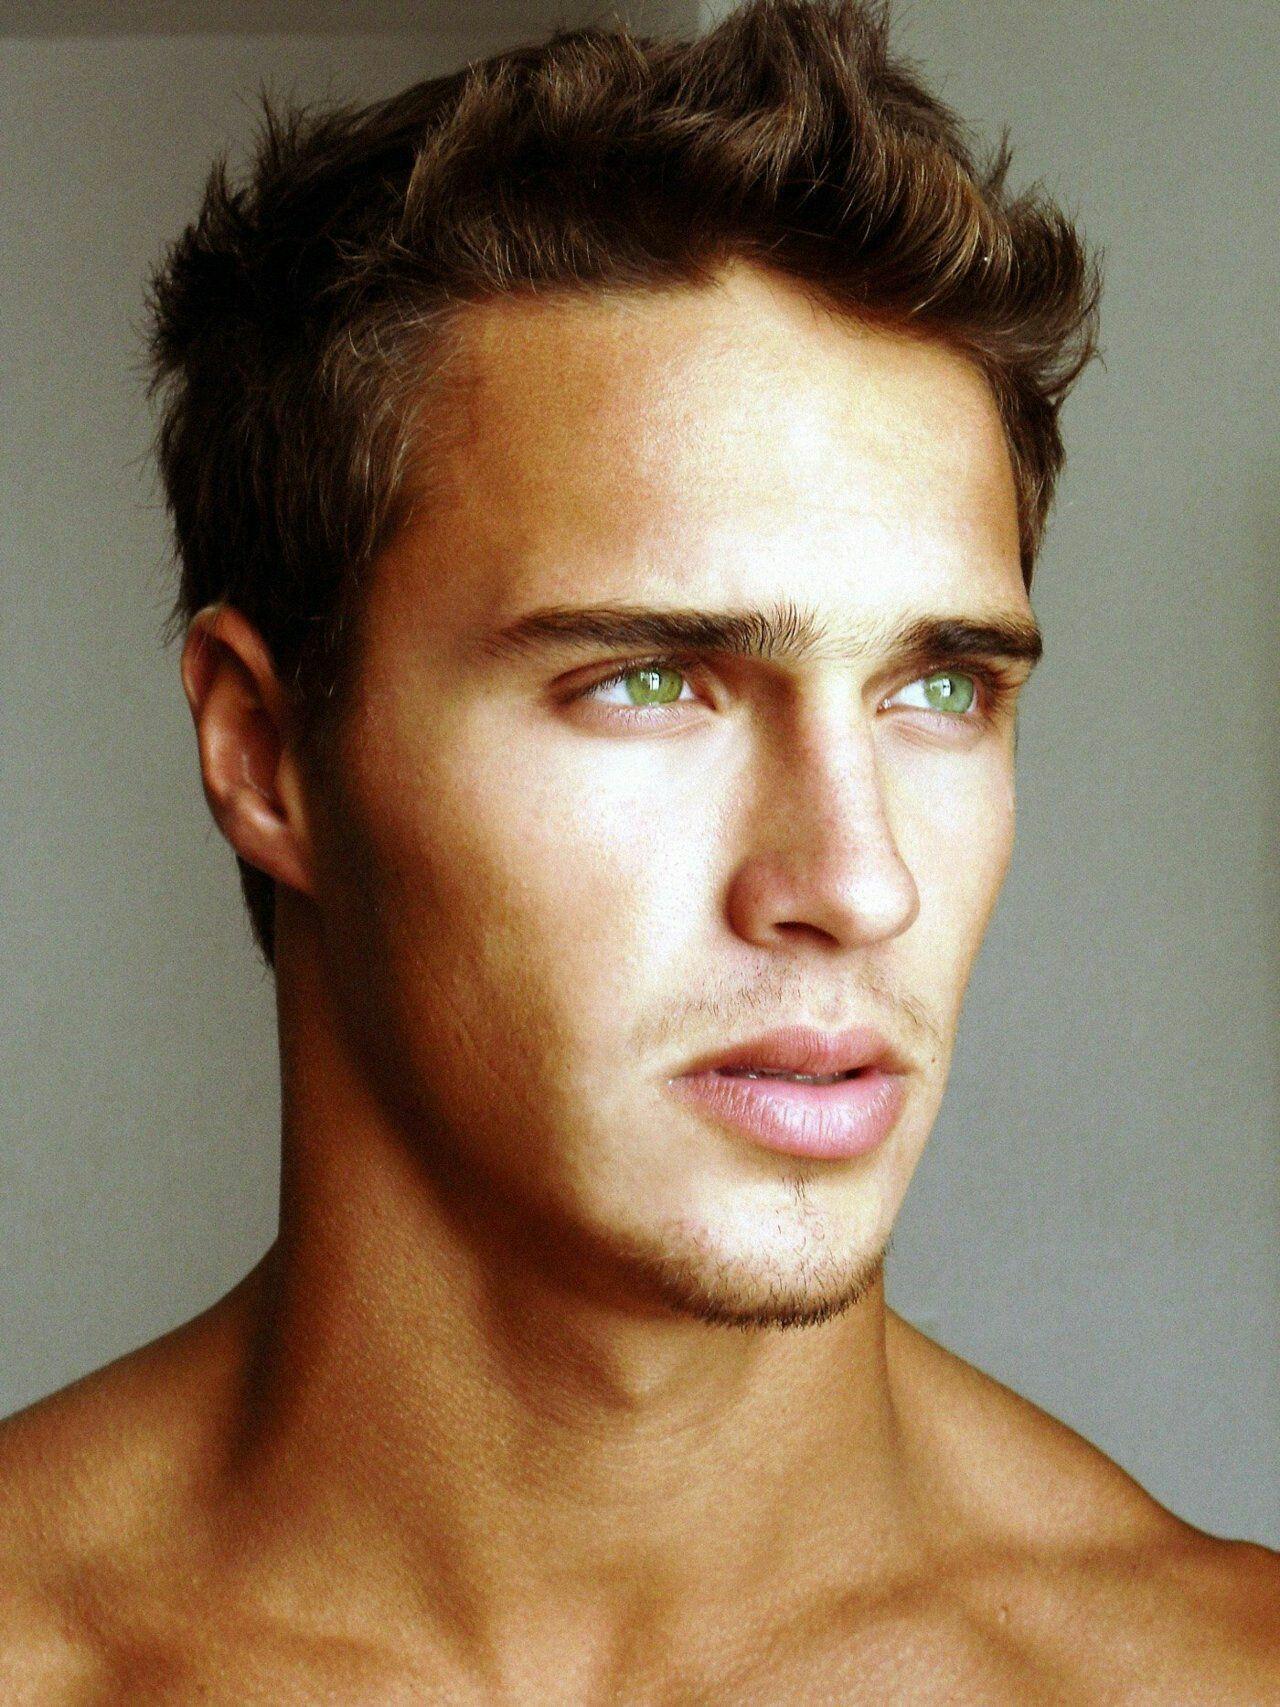 красивые фото мужчин с зелеными глазами запада она омывается